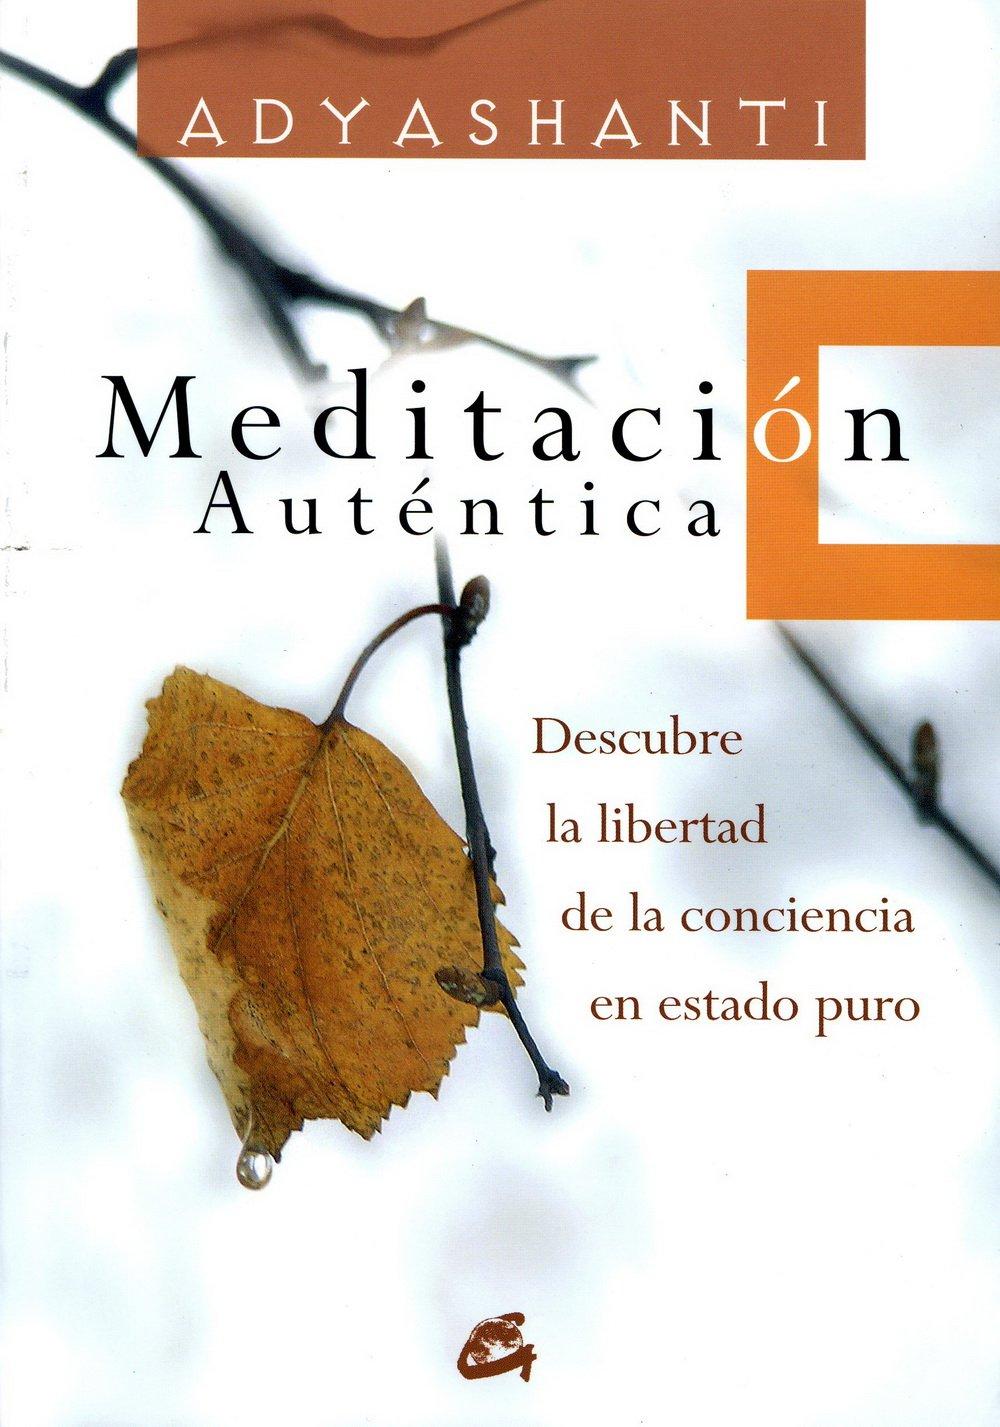 Meditación Auténtica: Descubre La Libertad de La Conciencia En Estado Puro (ESPIRITUALIDAD) Tapa blanda – 1 dic 2013 Adyashanti RAFAEL SORIA MARÍA DEL MAR CAÑAS Gaia